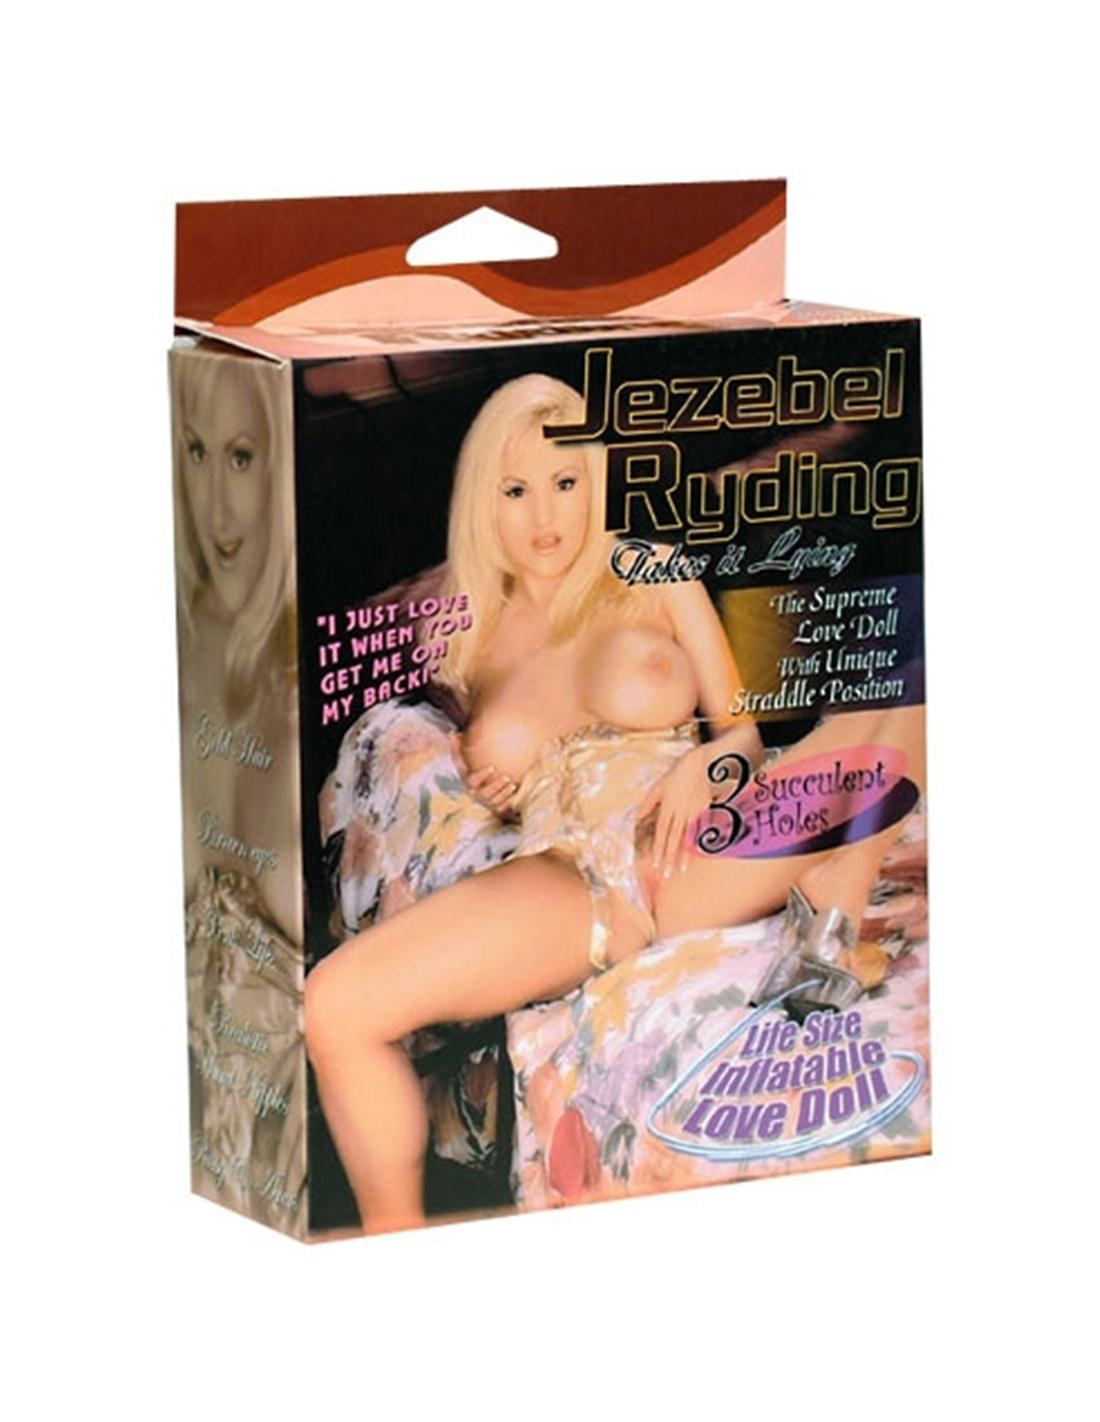 Boneca Insuflável Jezebel Ryding - PR2010318812